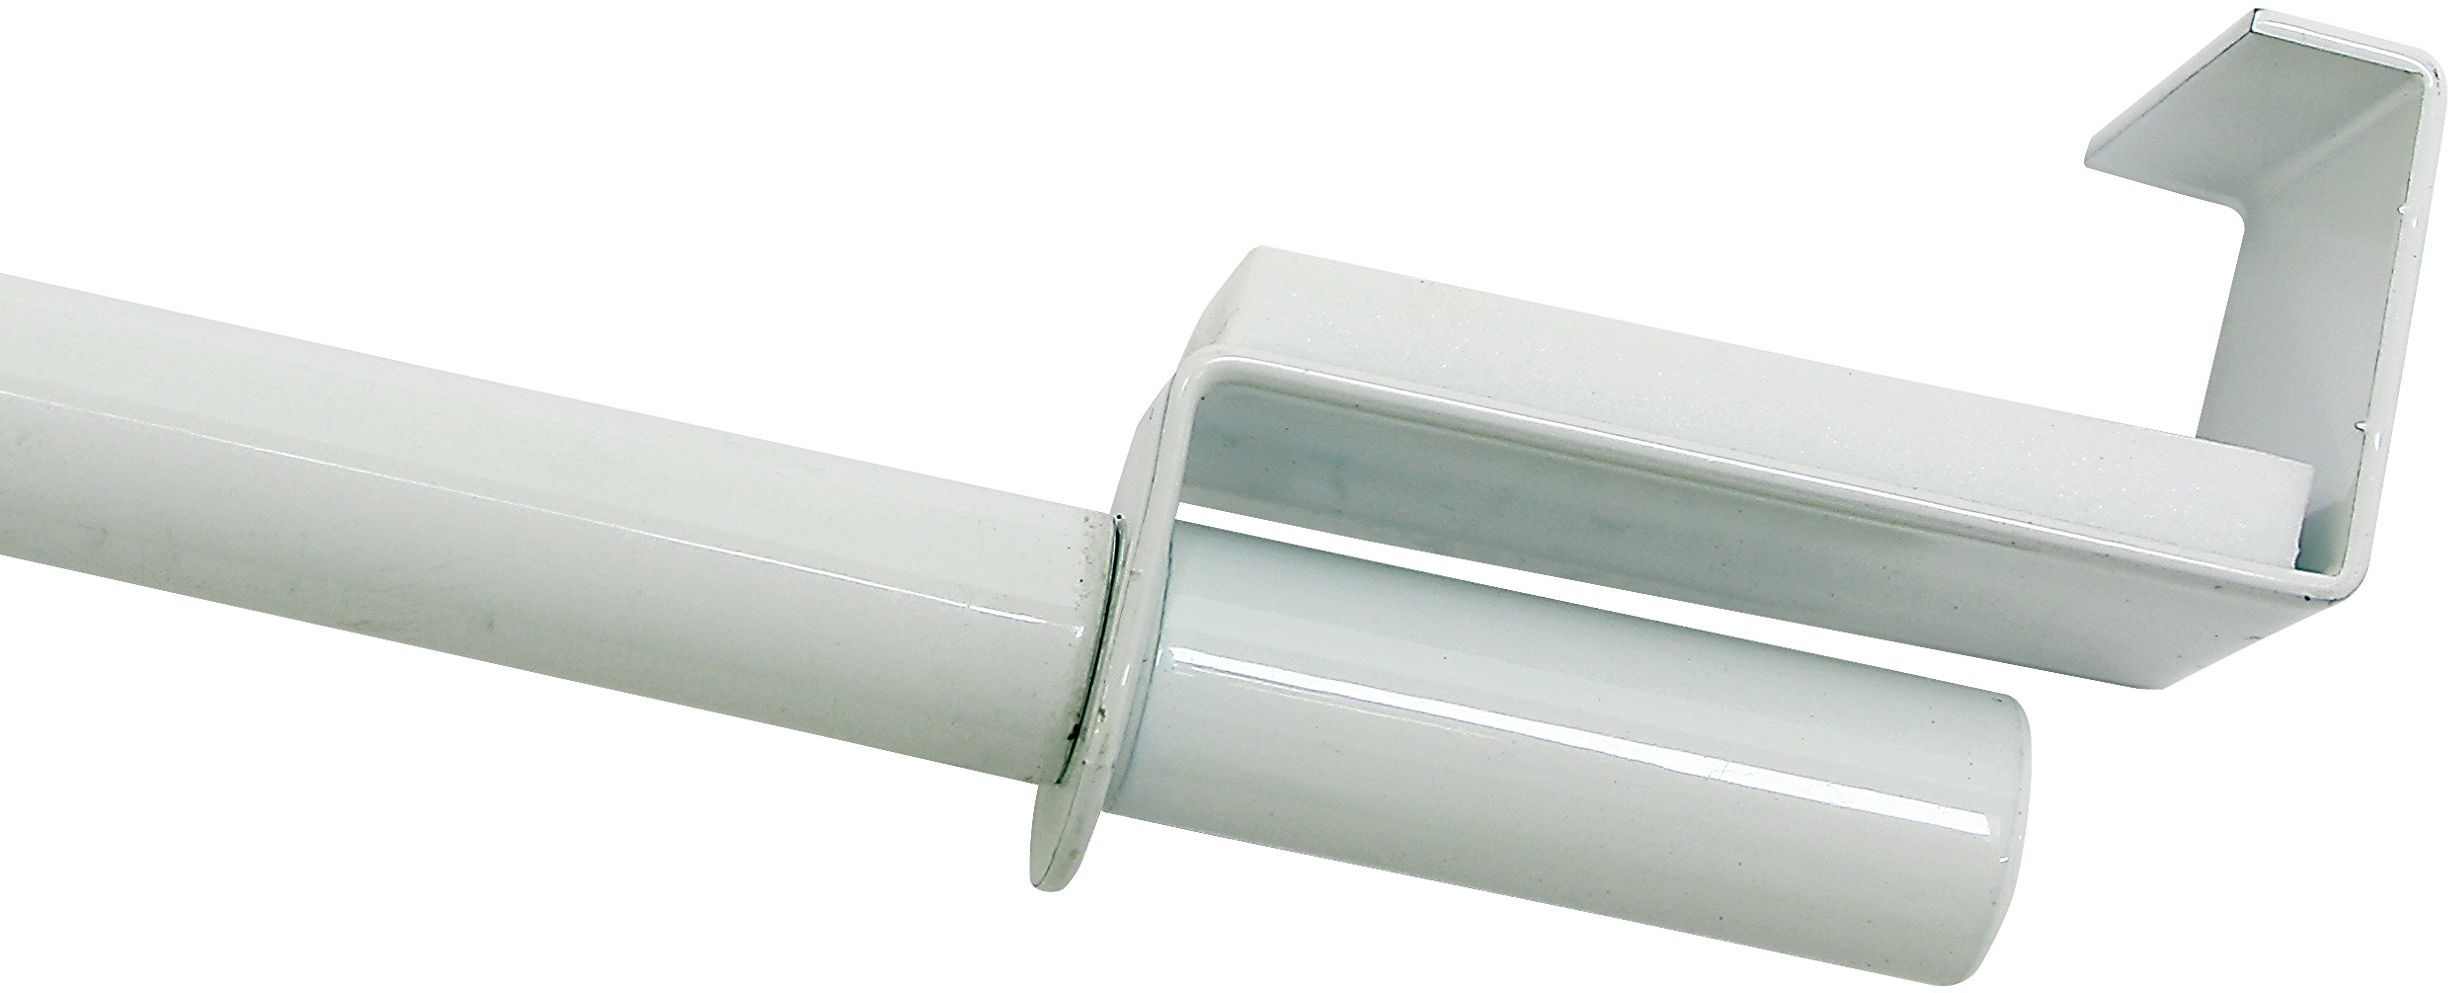 GARDINIA Karnisz, wysuwany, montaż bez śrub i wiercenia, średnica 9 mm, długość 120-160 cm, metal, biały